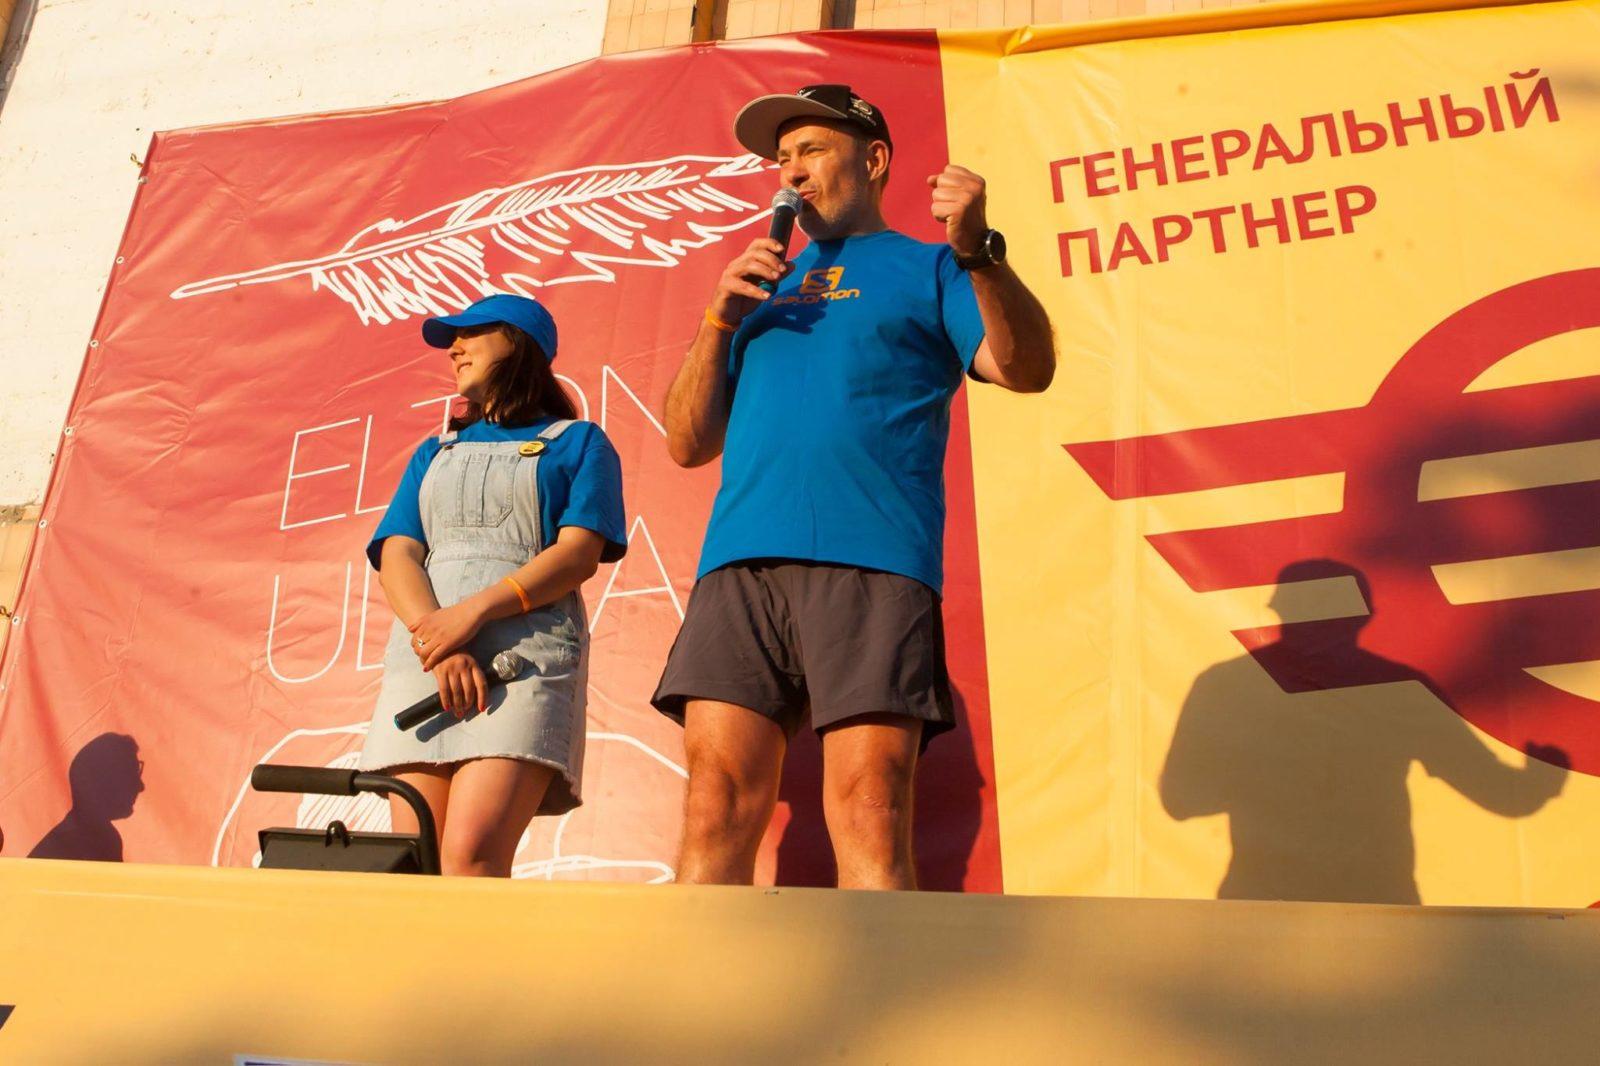 ГЛАВА ОРДЕНА ОРЛА ВЯЧЕСЛАВ ГЛУХОВ: О ПЕРВОМ РОССИЙСКОМ УЛЬТРАМАРАФОНЕ НА 100 МИЛЬ